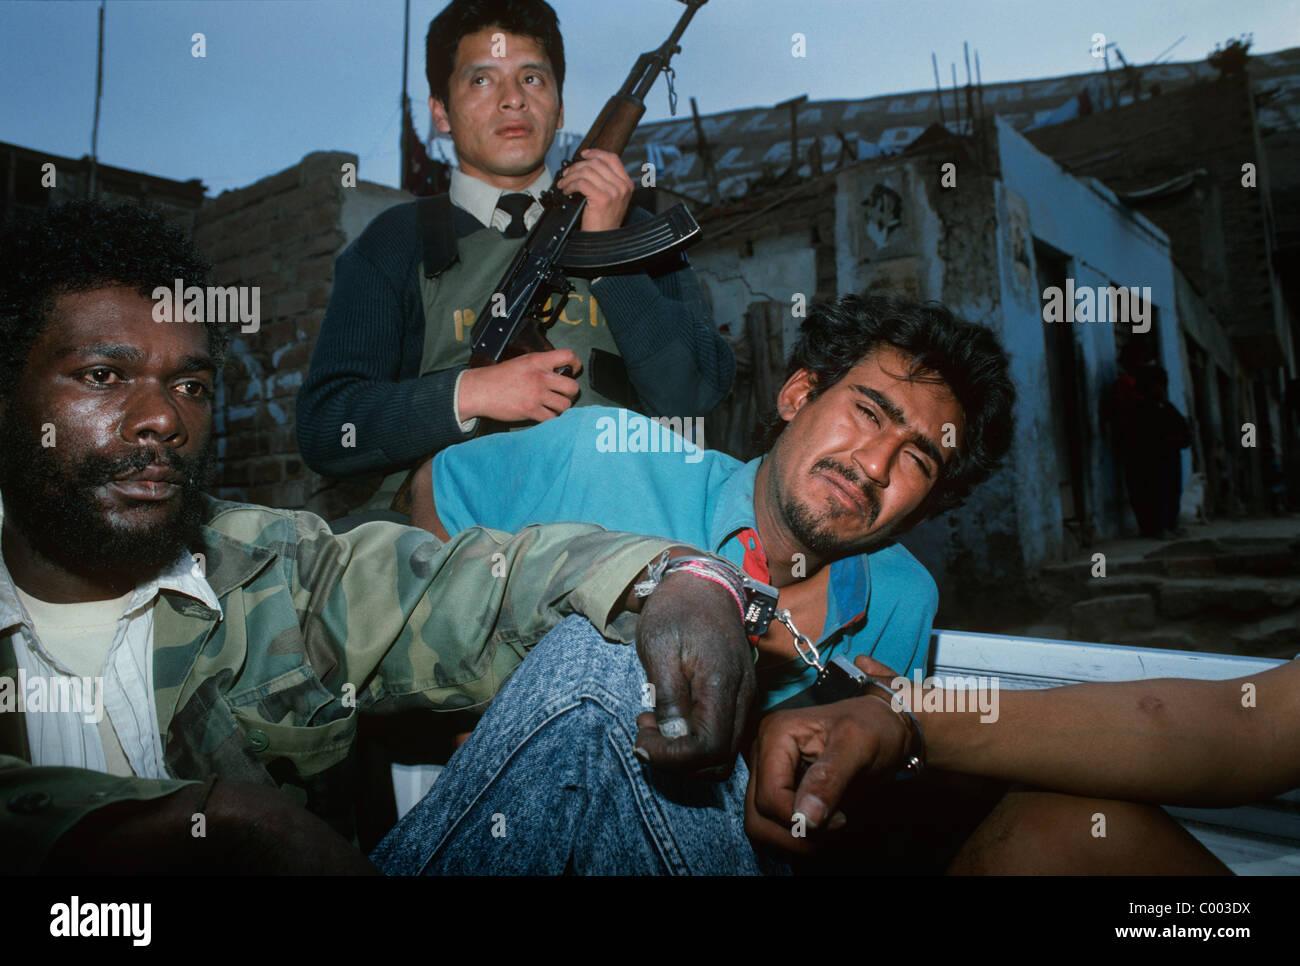 Drug dealers arrested in Shantytown. Lima - Peru - Stock Image